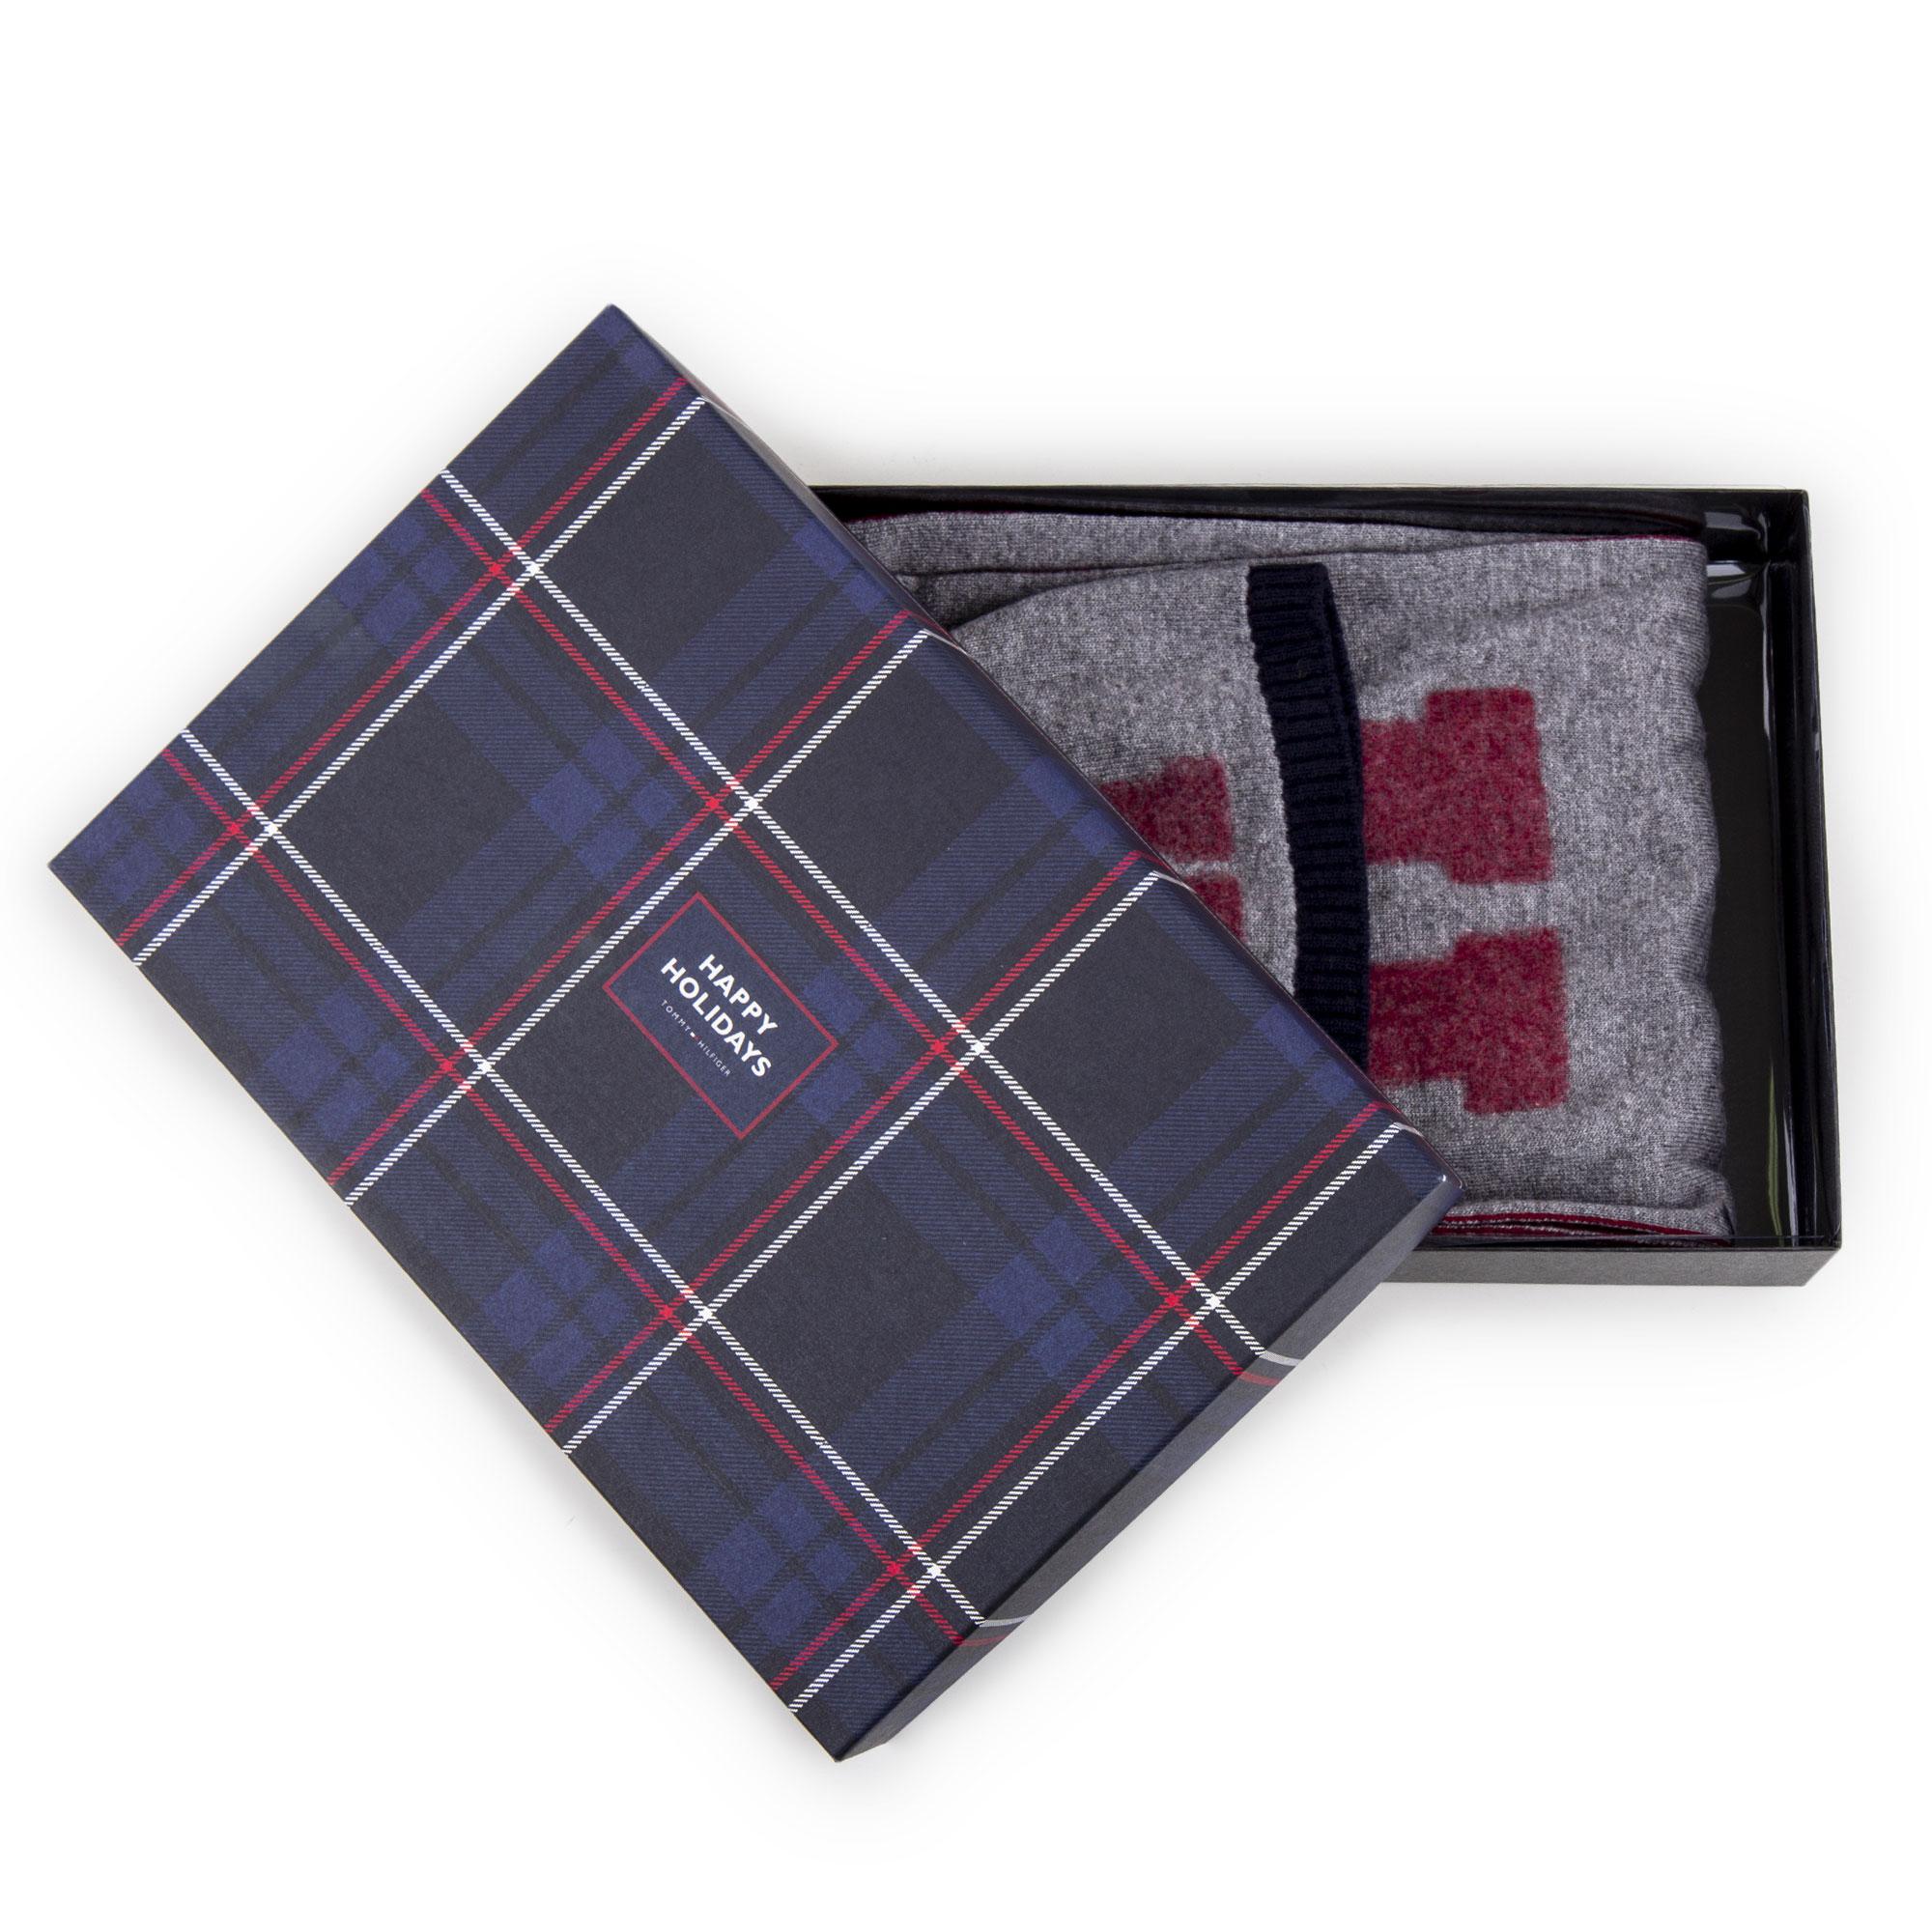 emballage fort haute couture juste prix Coffret Bonnet & Écharpe grise Homme TOMMY HILFIGER